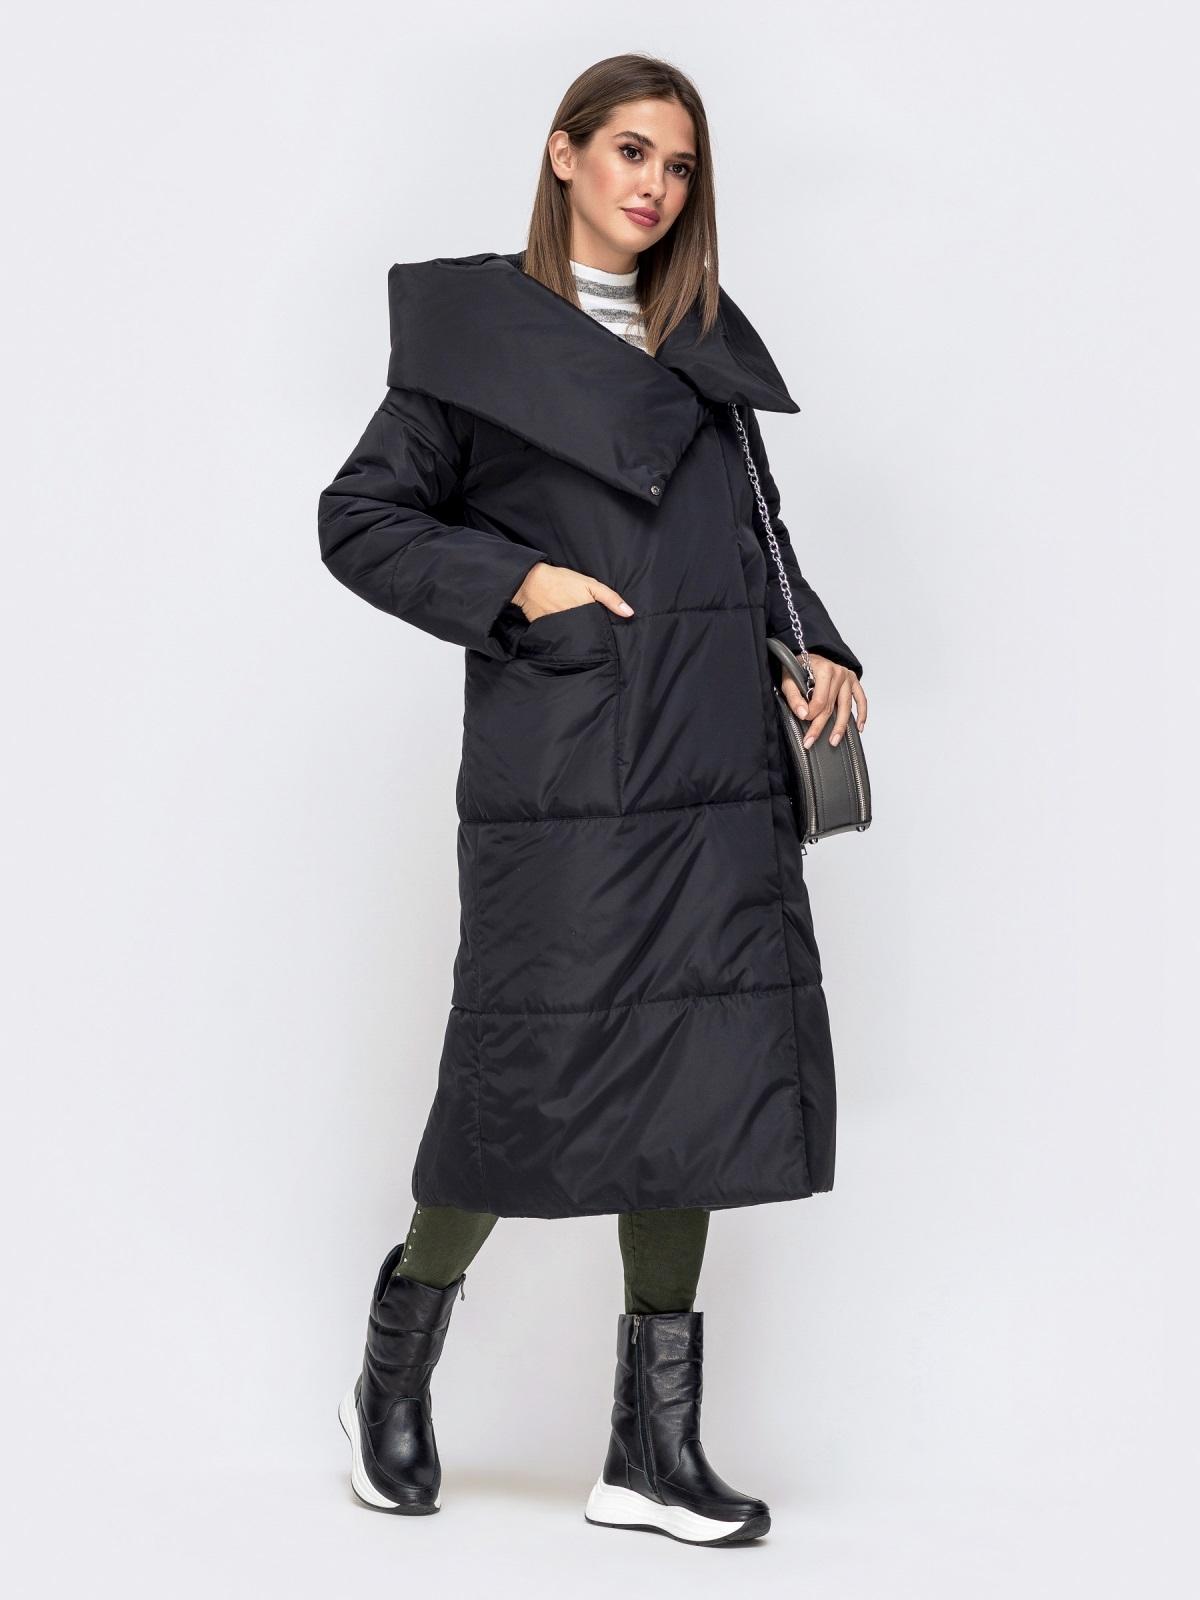 Зимняя куртка со вшитым капюшоном и вязанными манжетами чёрная - 41248, фото 1 – интернет-магазин Dressa